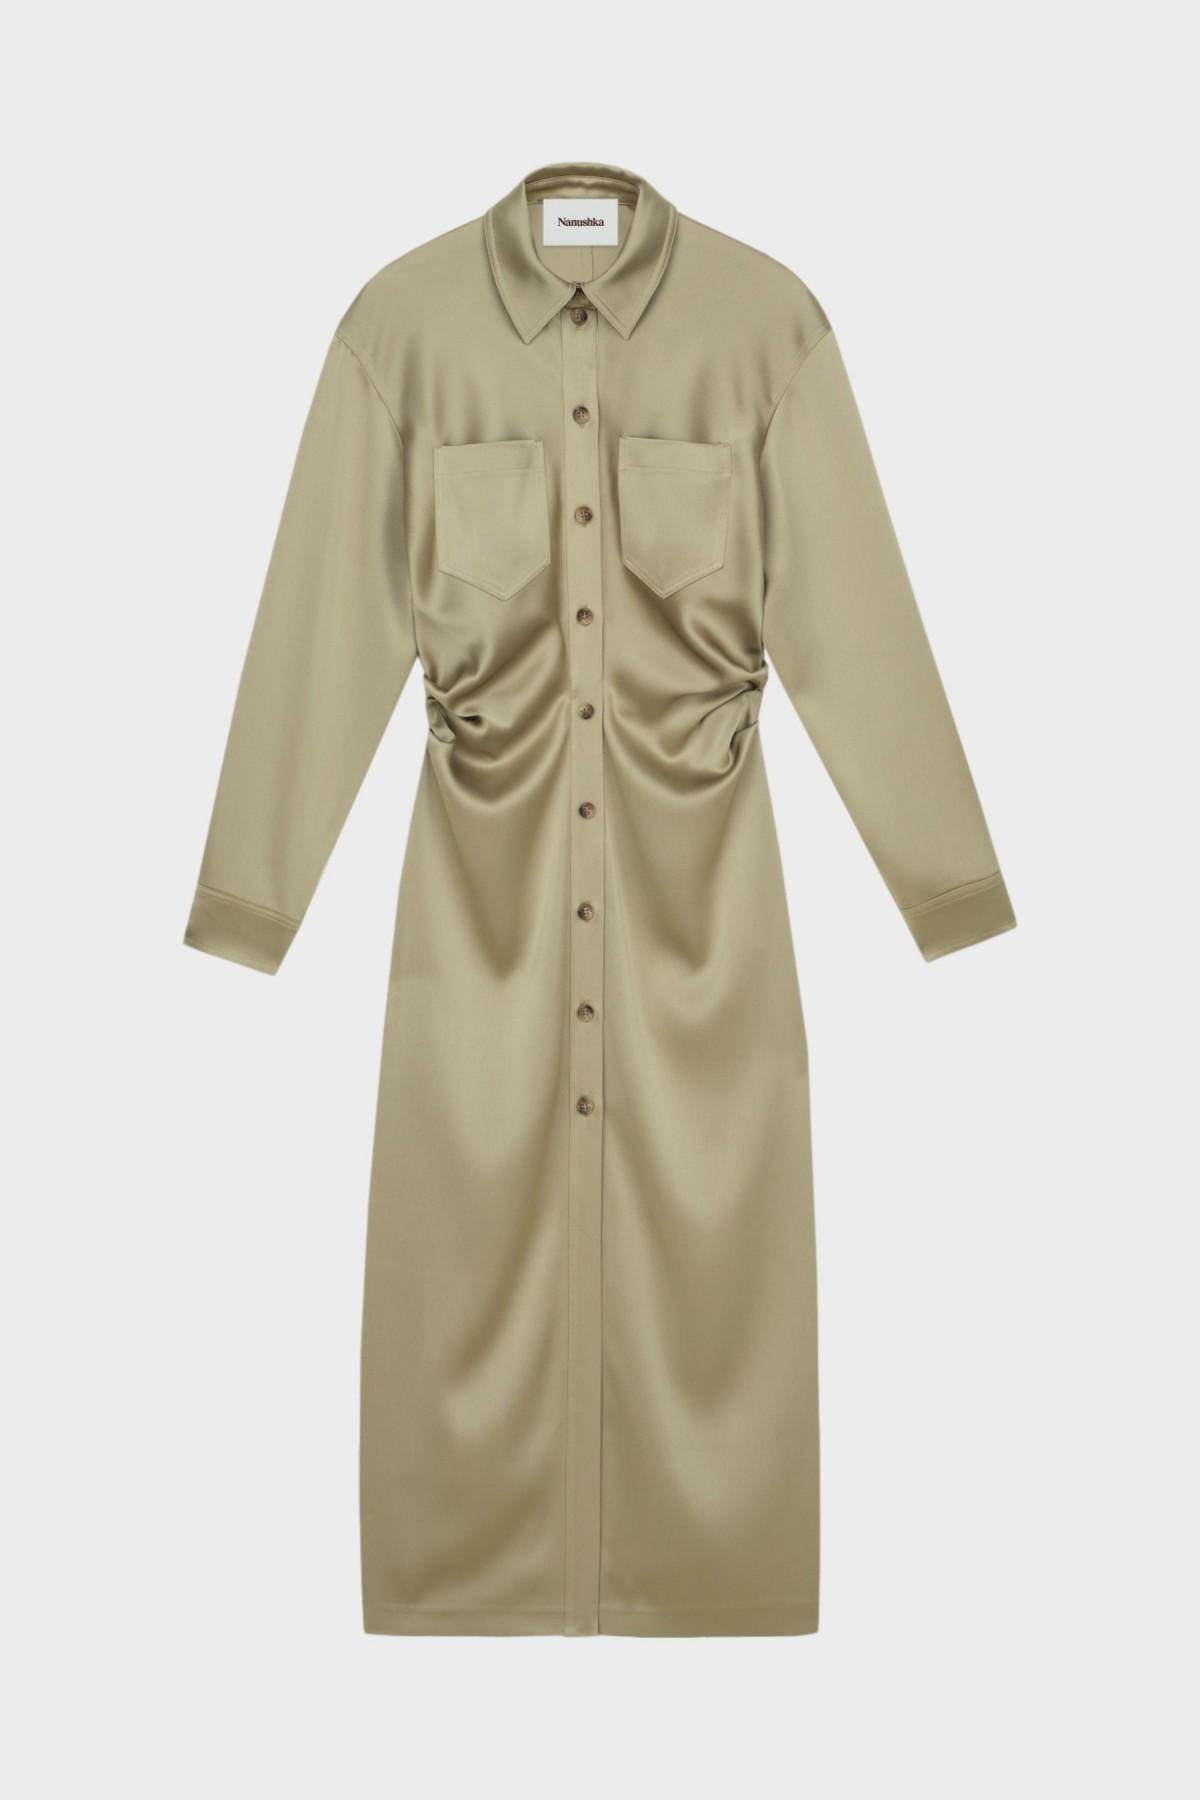 Nanushka Kinsley LS Shirt Dress in Sage